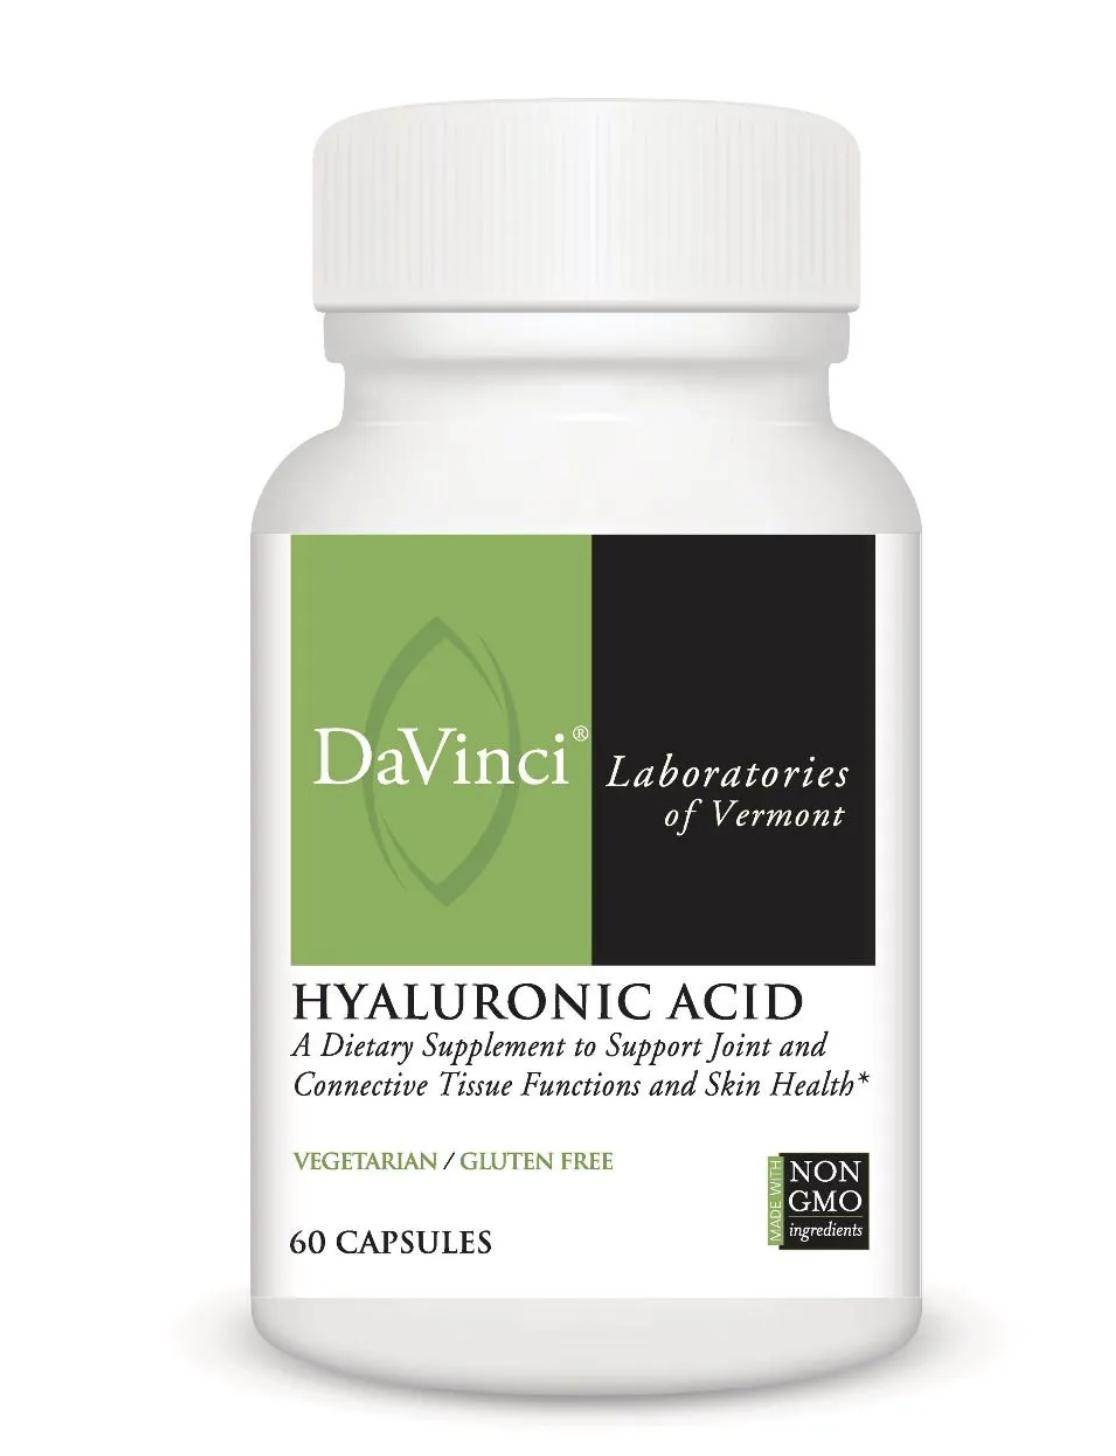 HYALURONIC ACID 60 Vegetarian Capsules DaVinci Laboratories